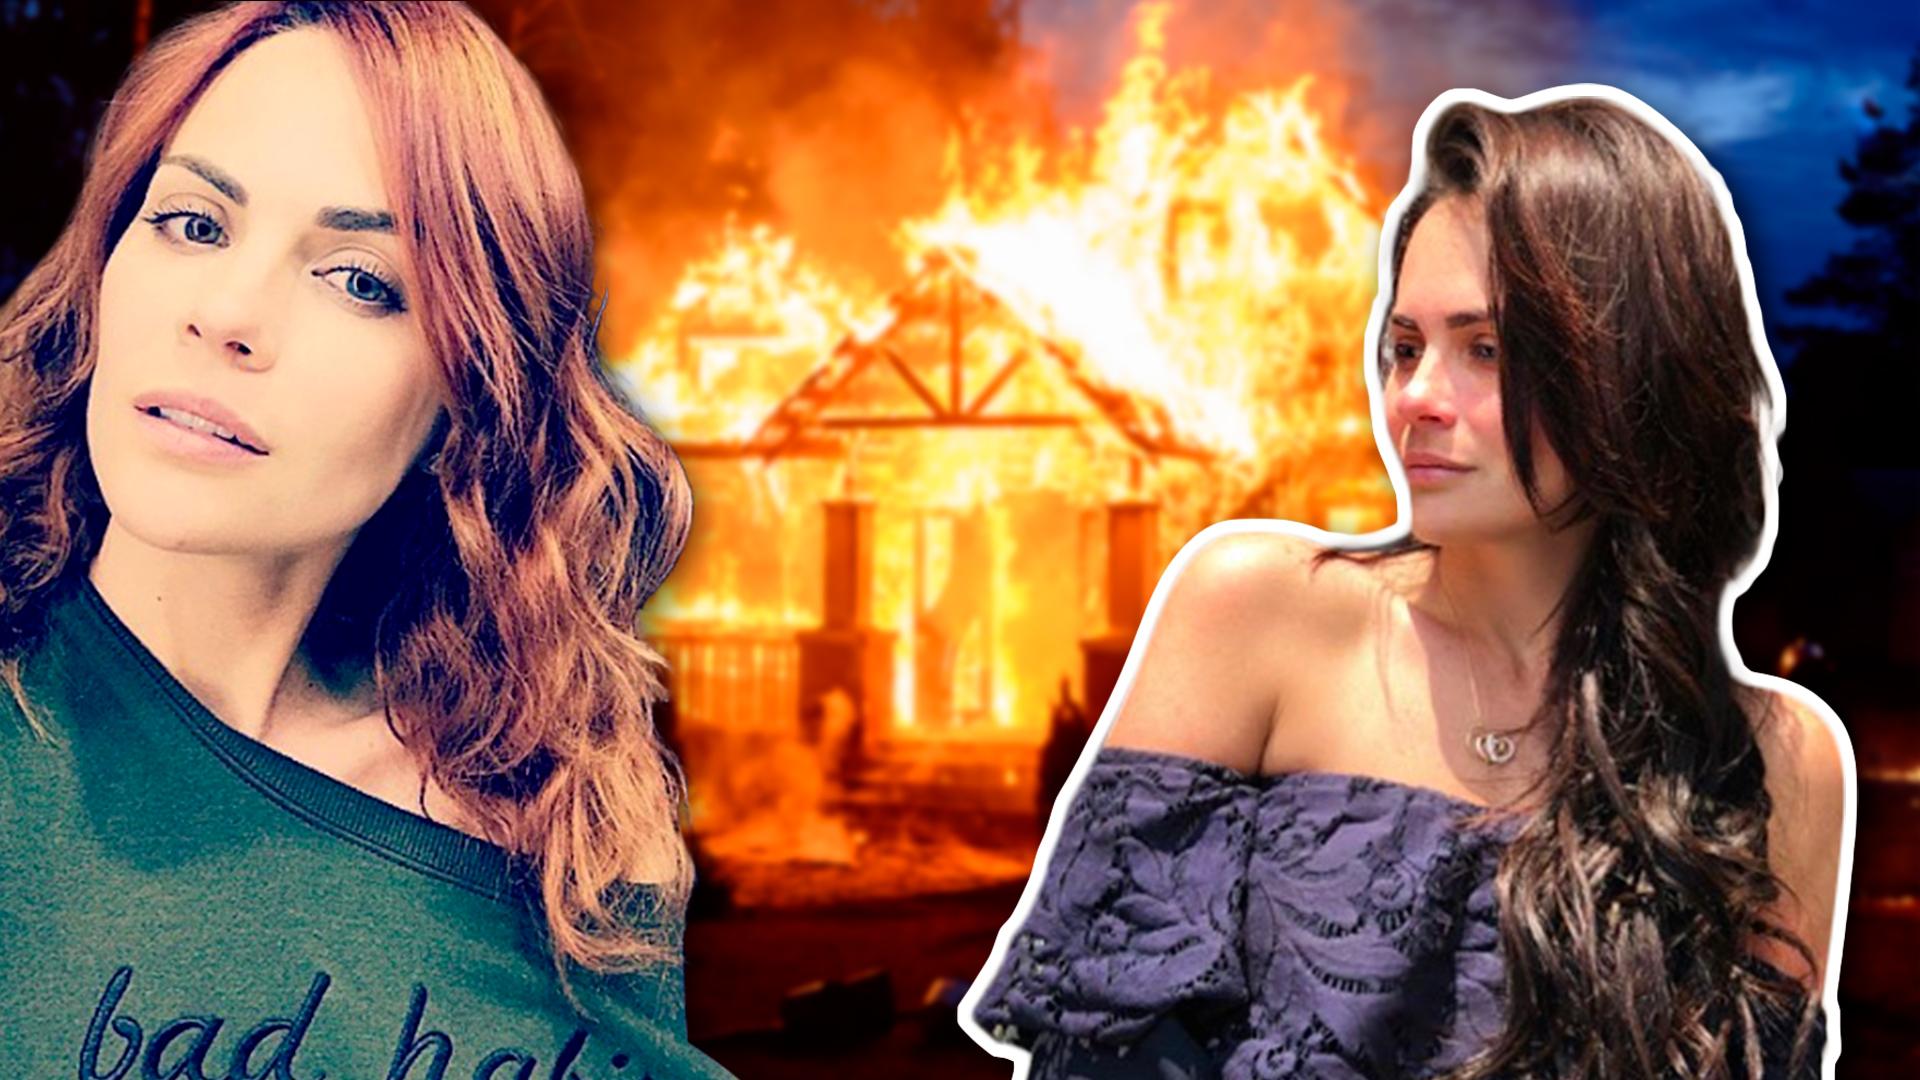 Laura Carmine prišla o všetko pri požiari a musela chodiť na terapie